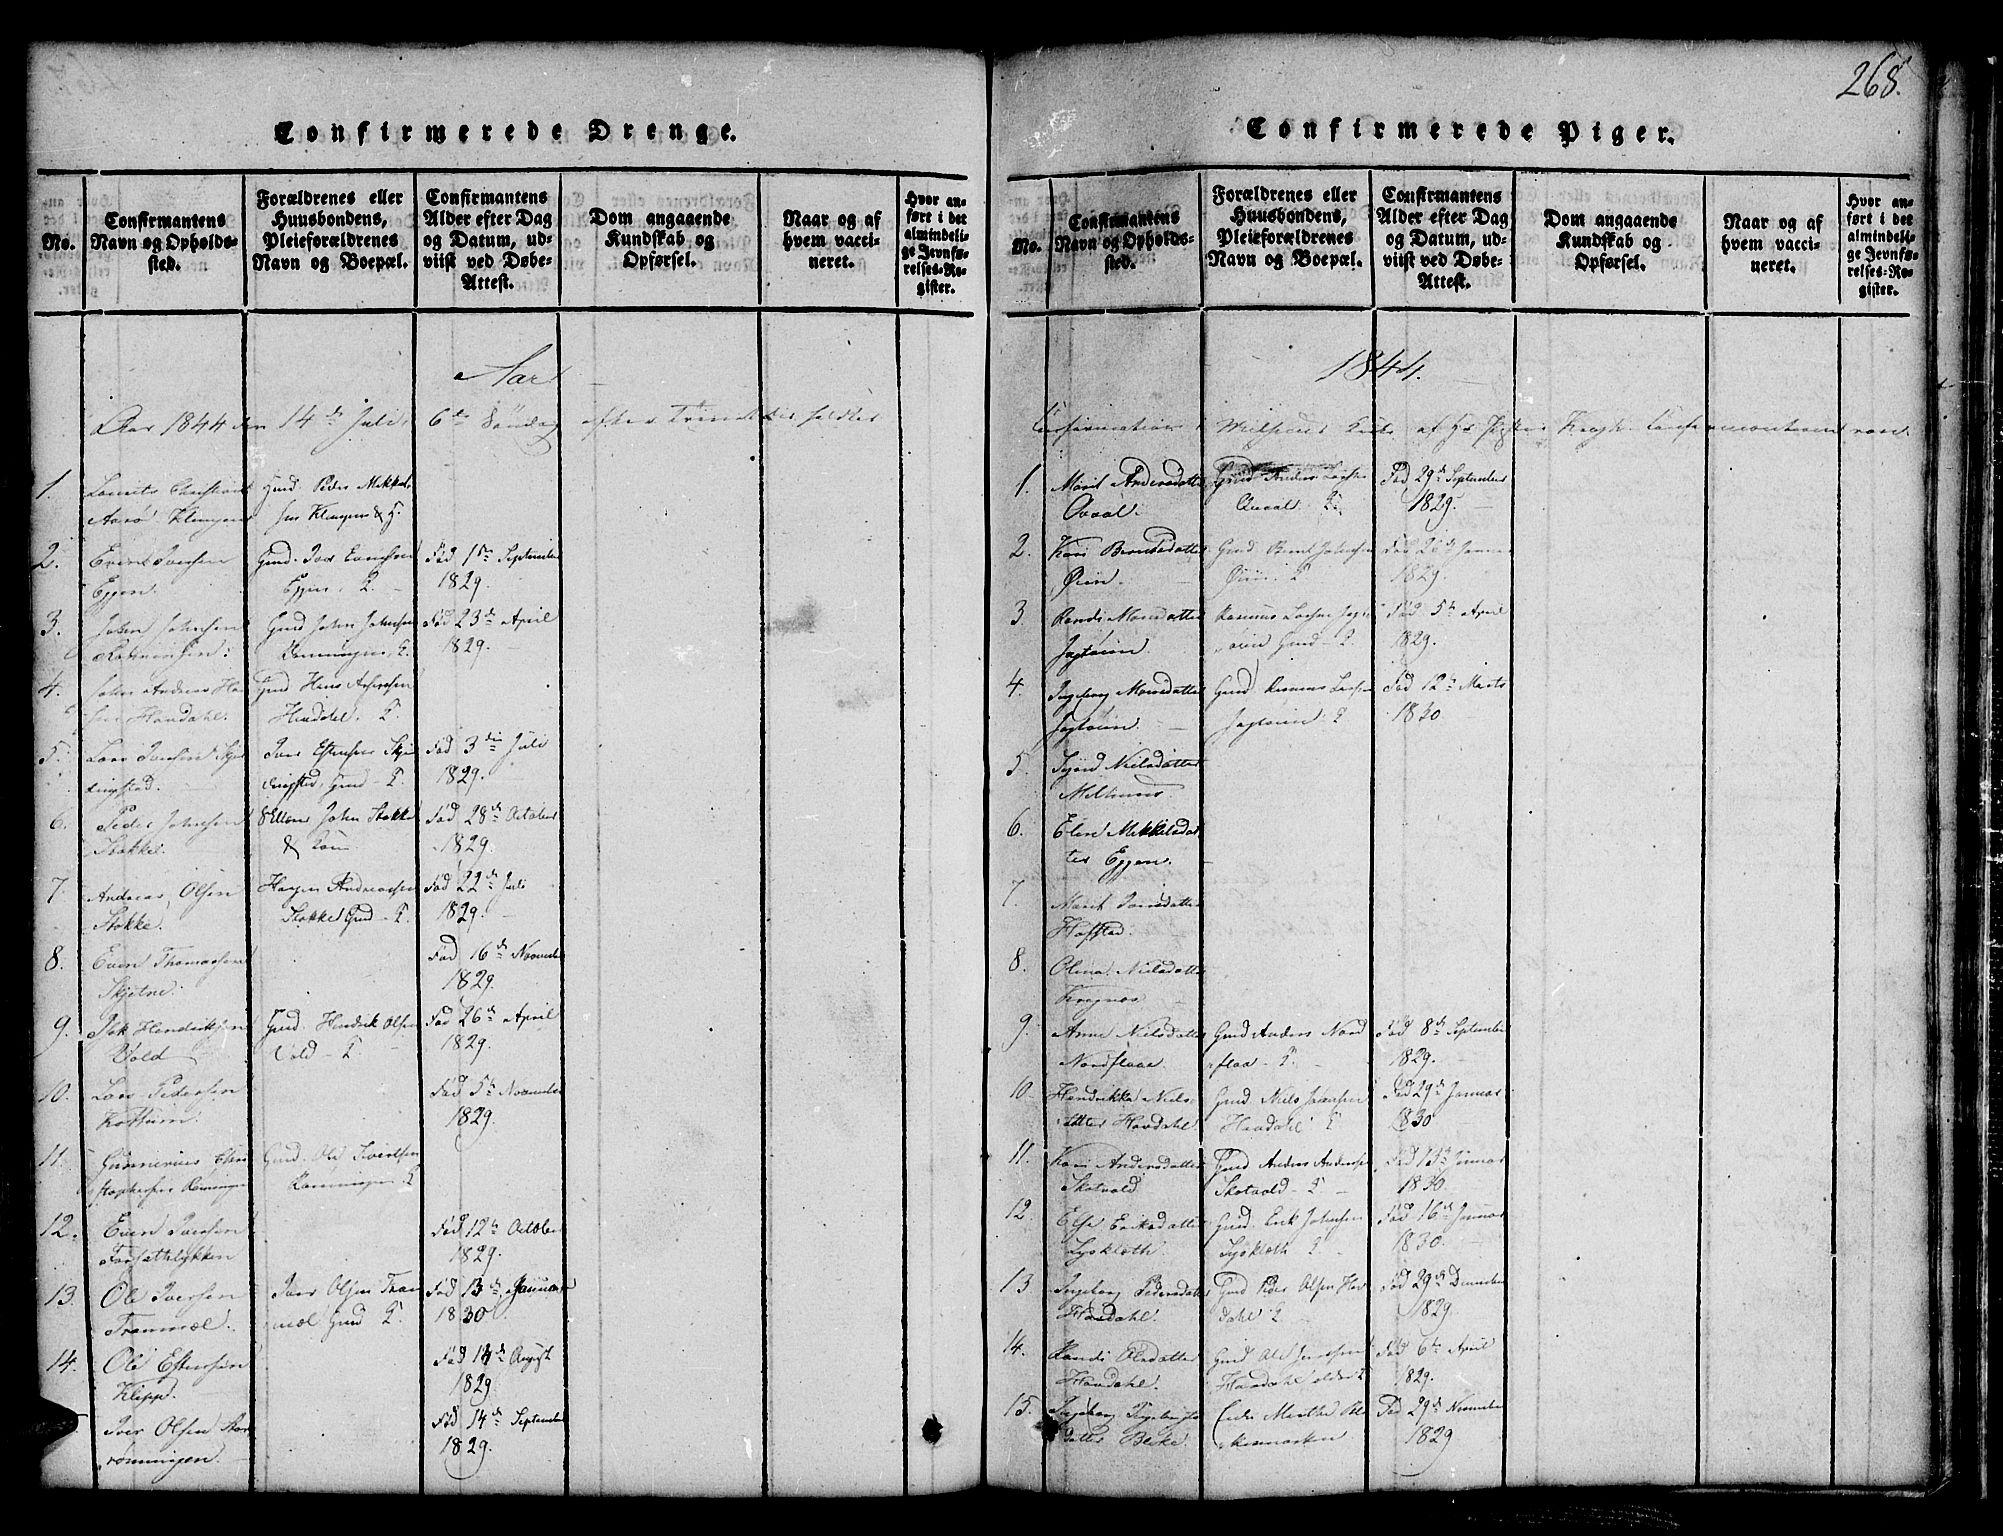 SAT, Ministerialprotokoller, klokkerbøker og fødselsregistre - Sør-Trøndelag, 691/L1092: Klokkerbok nr. 691C03, 1816-1852, s. 268